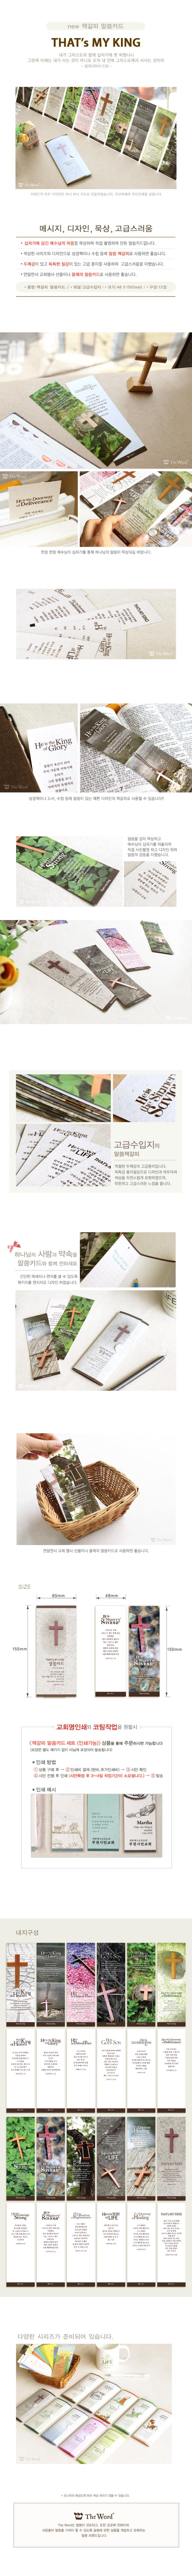 new 책갈피 말씀카드- My King - 더워드, 2,900원, 북마크/책갈피, 심플